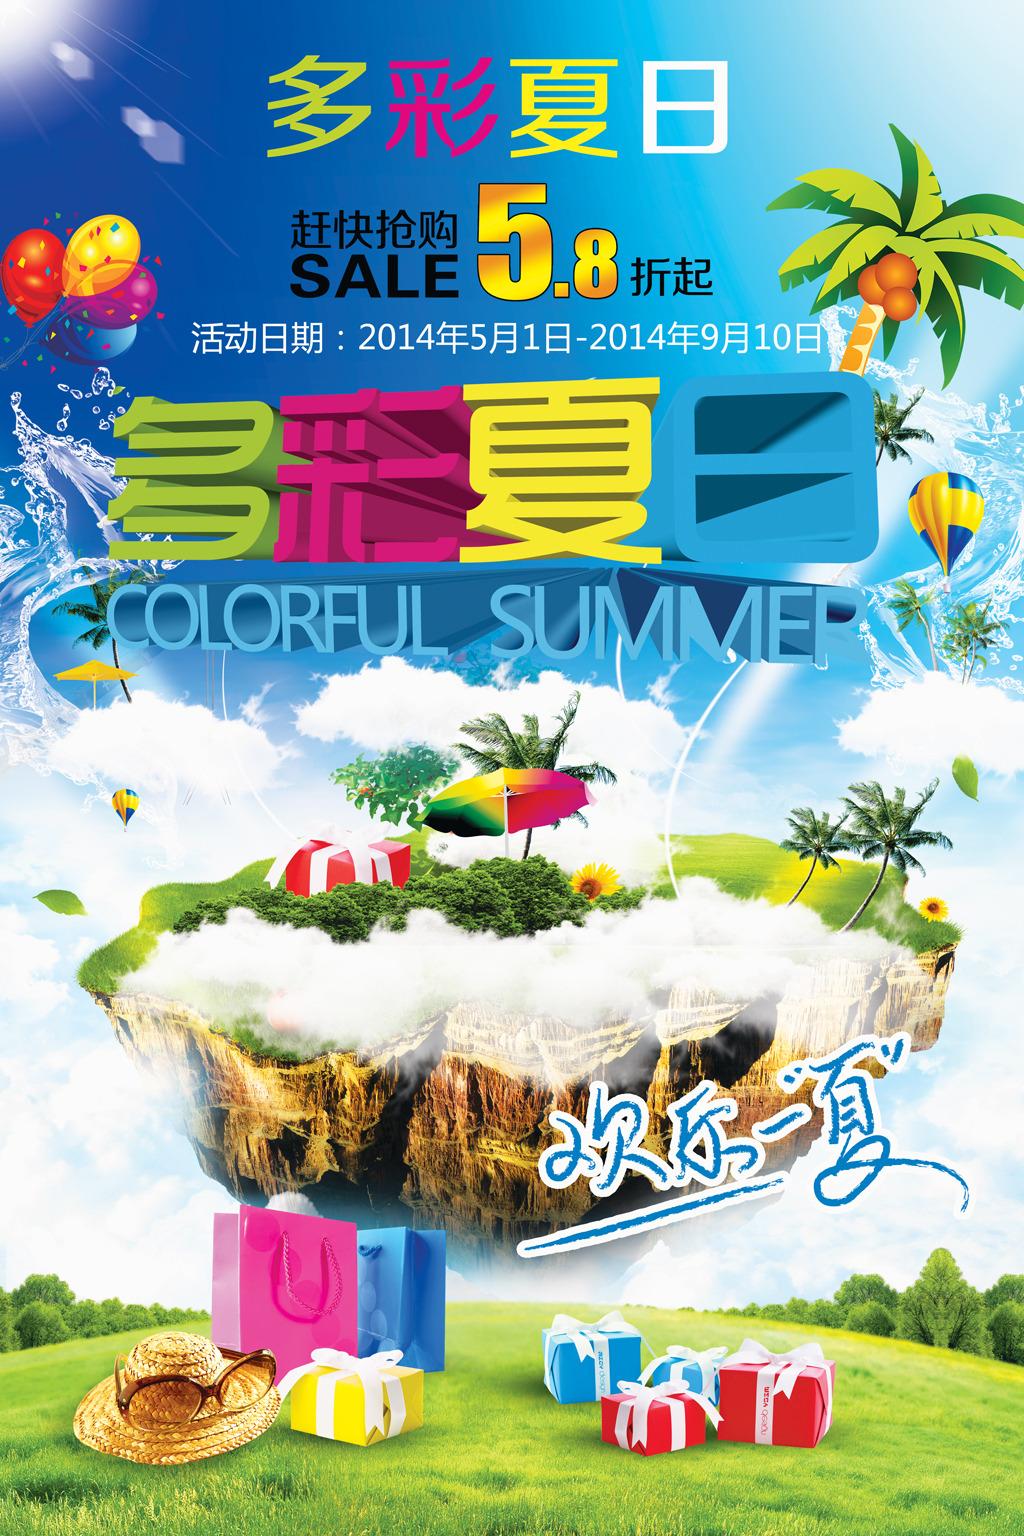 多彩夏日盛夏活动海报设计模板下载